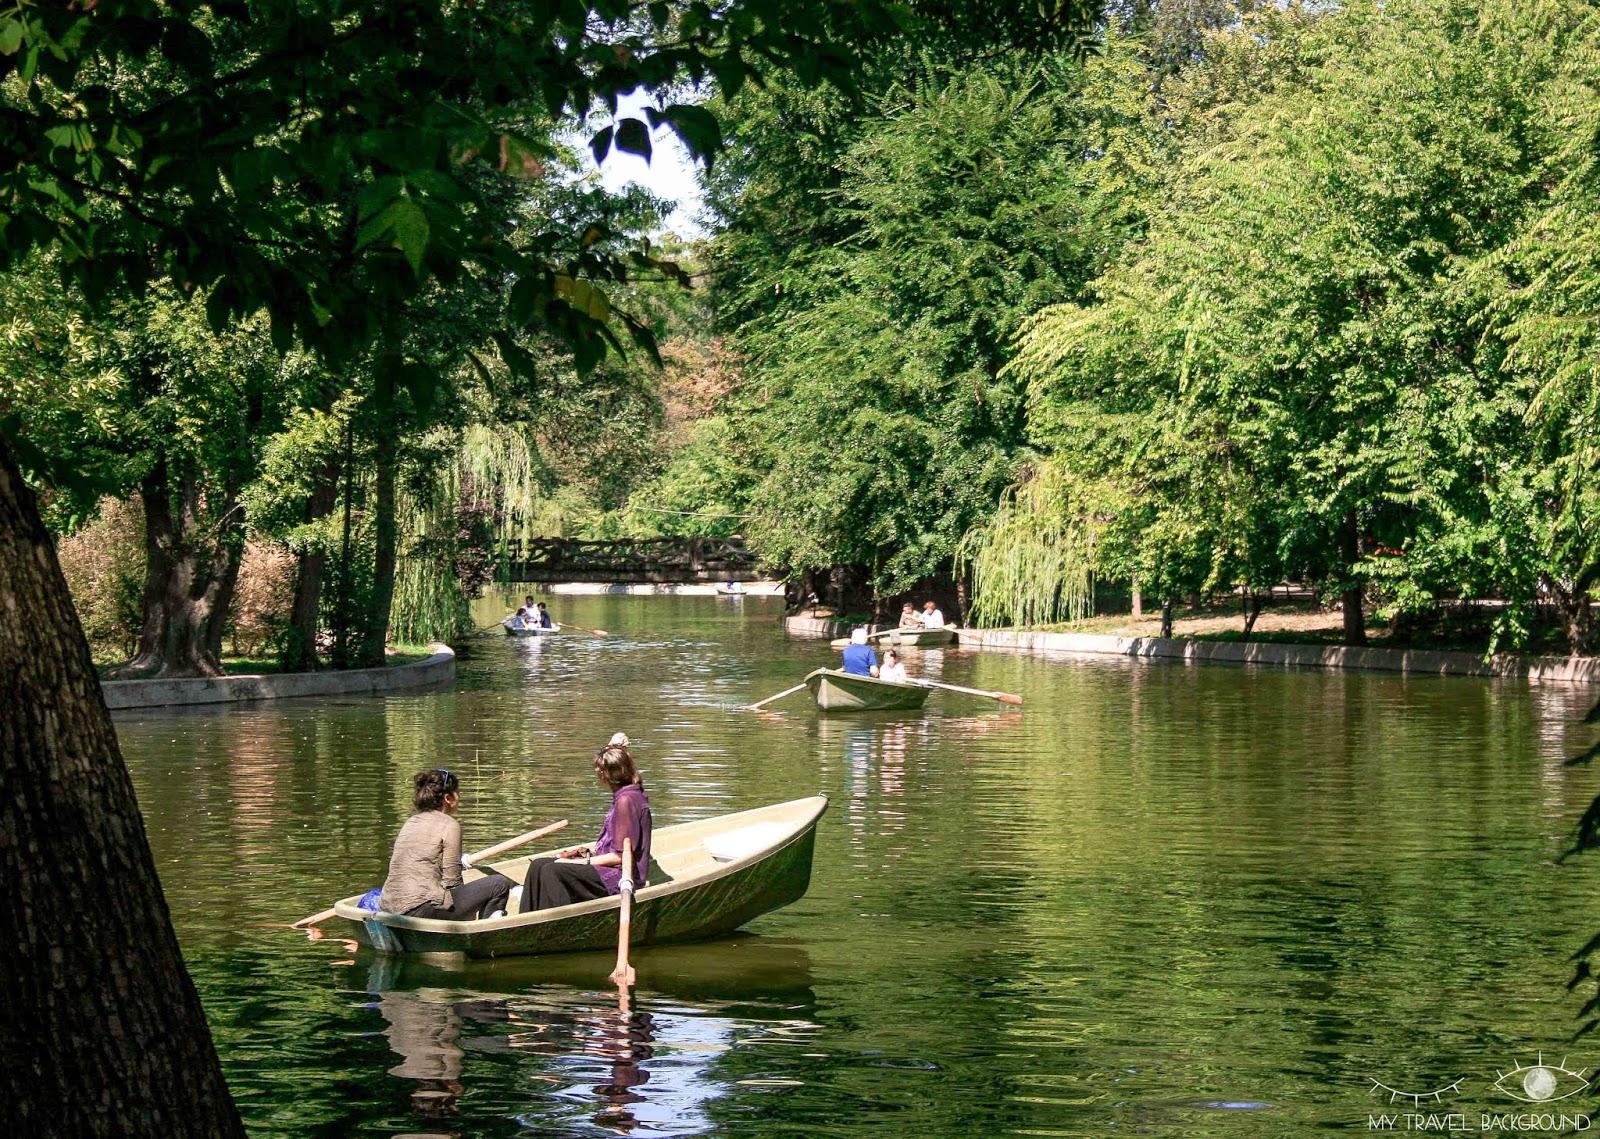 My Travel Background : 3 jours à Bucarest en Roumanie - Parc Cismigiu